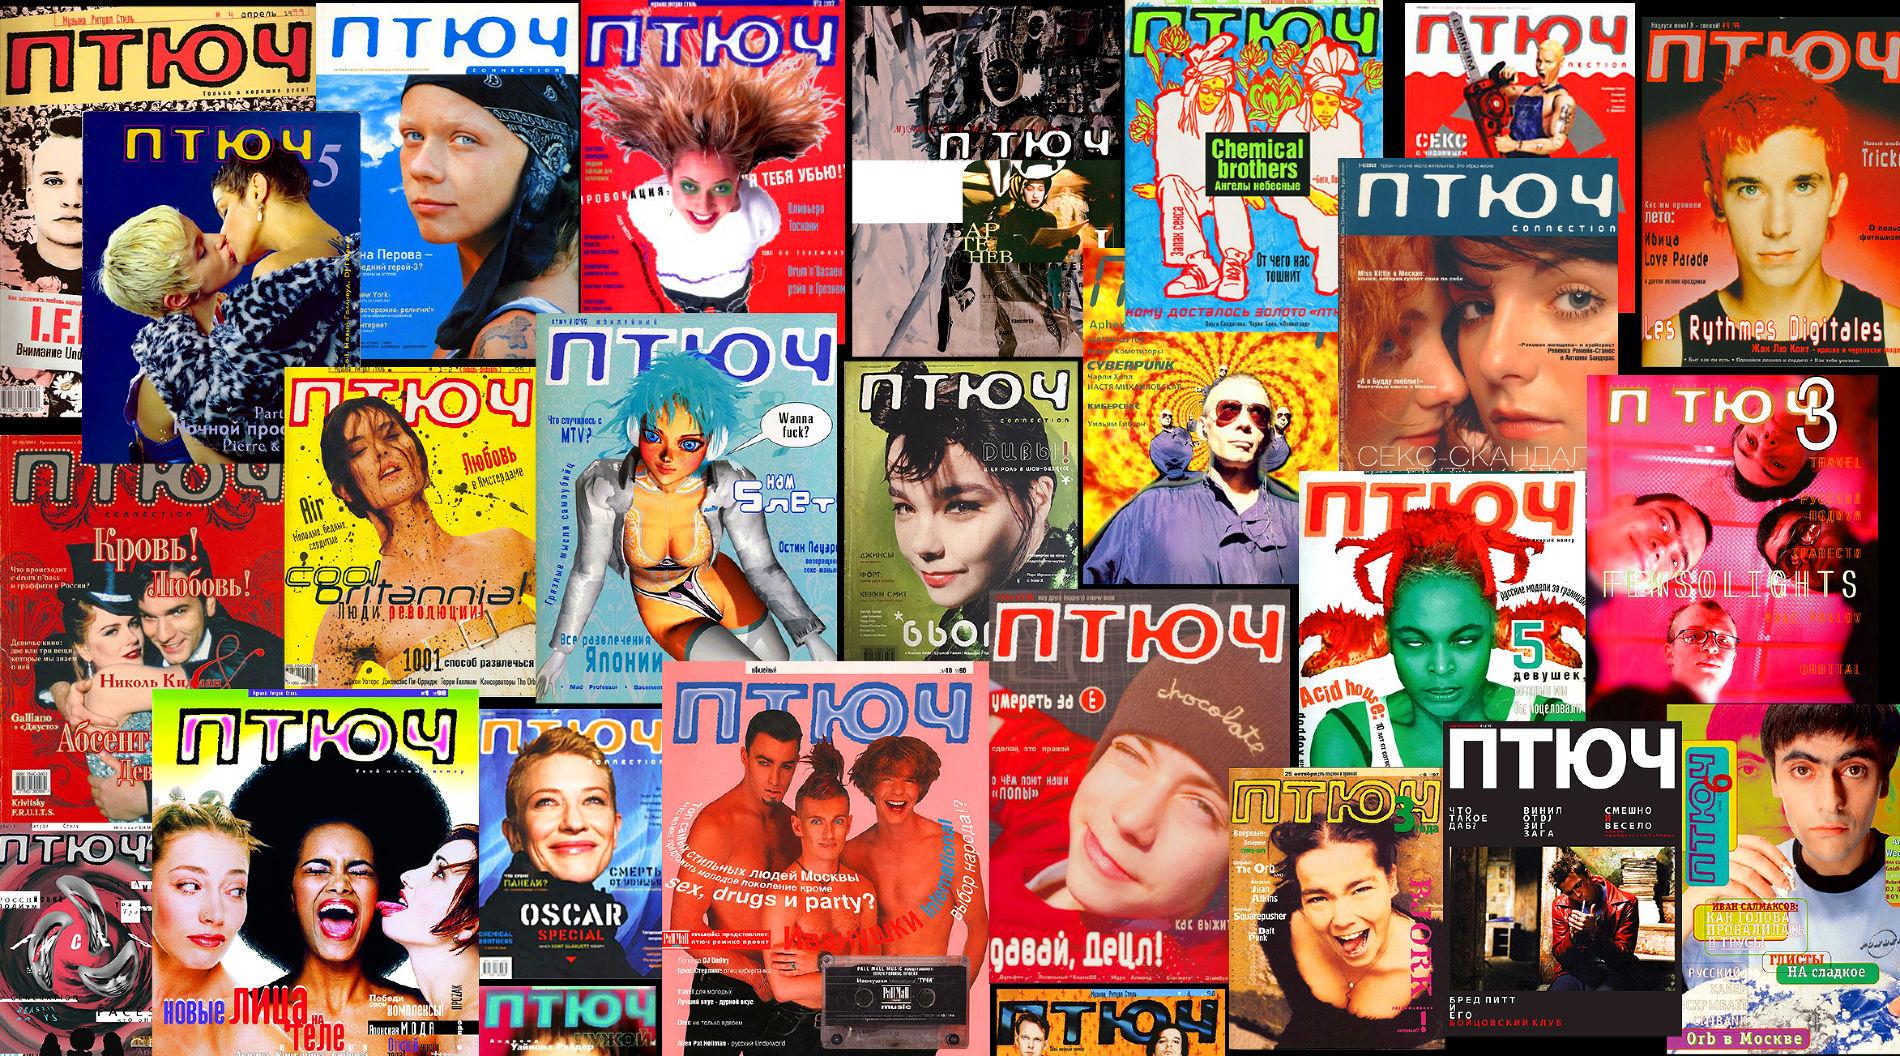 Обложки журналов «Птюч» ©Коллаж Юга.ру